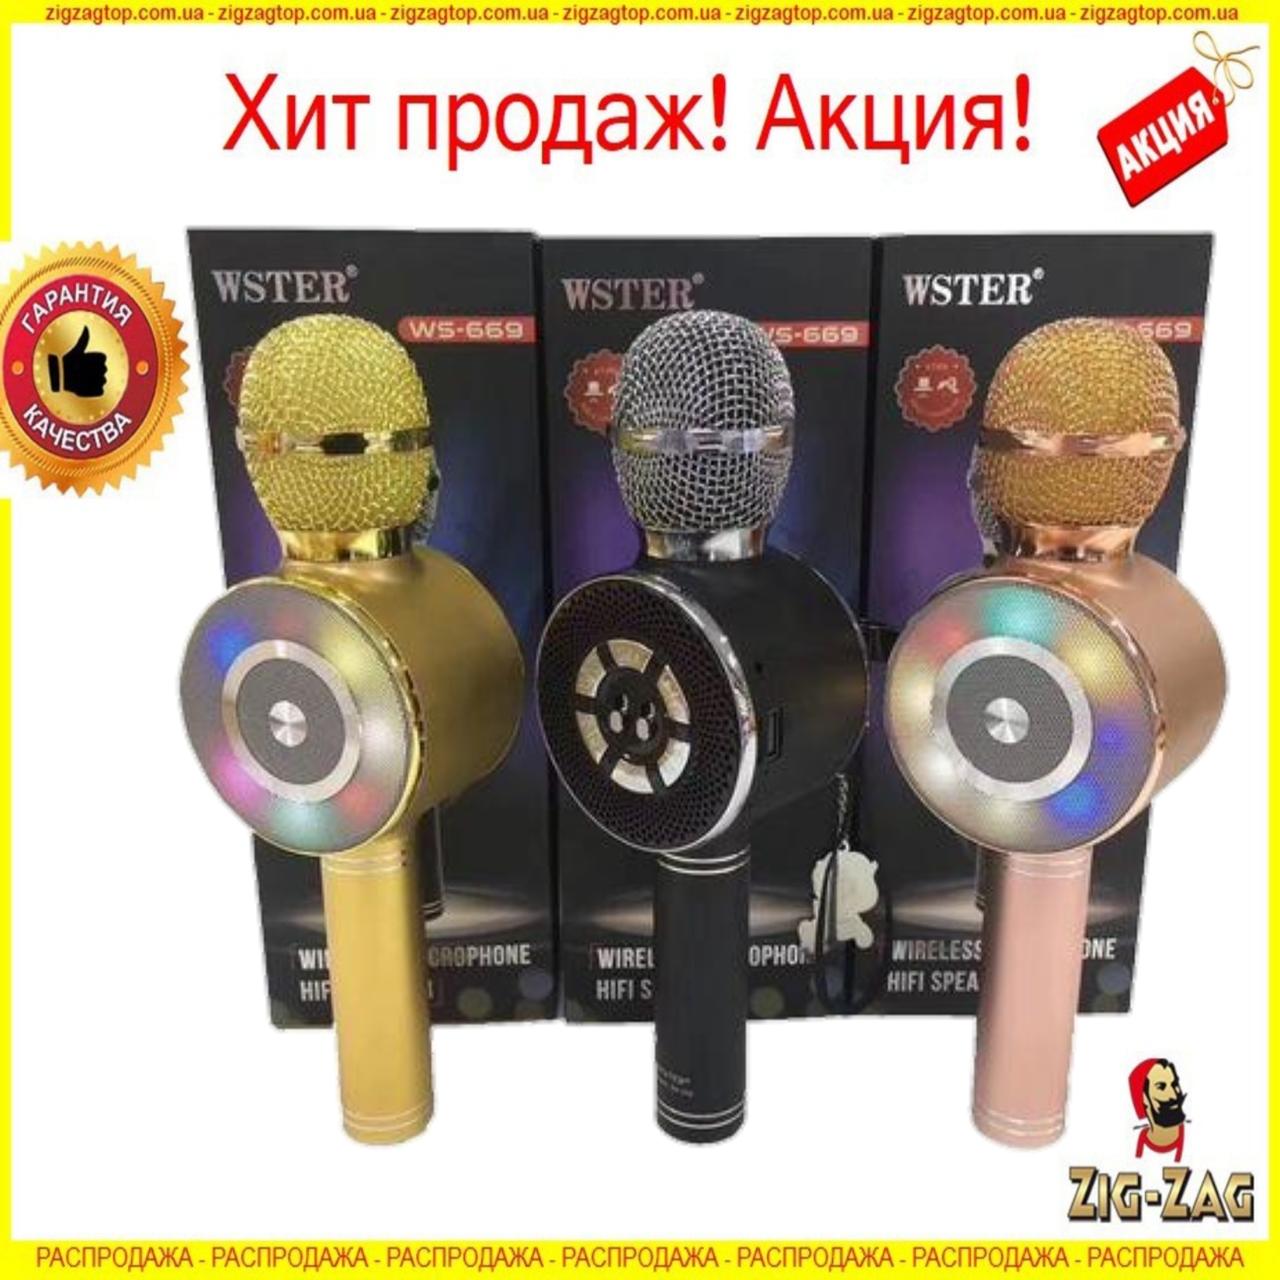 Караоке Мікрофон Wster WS-669 Бездротовий з Динаміком блютуз (USB, microSD, AUX, Bluetooth) Дитячий для дітей